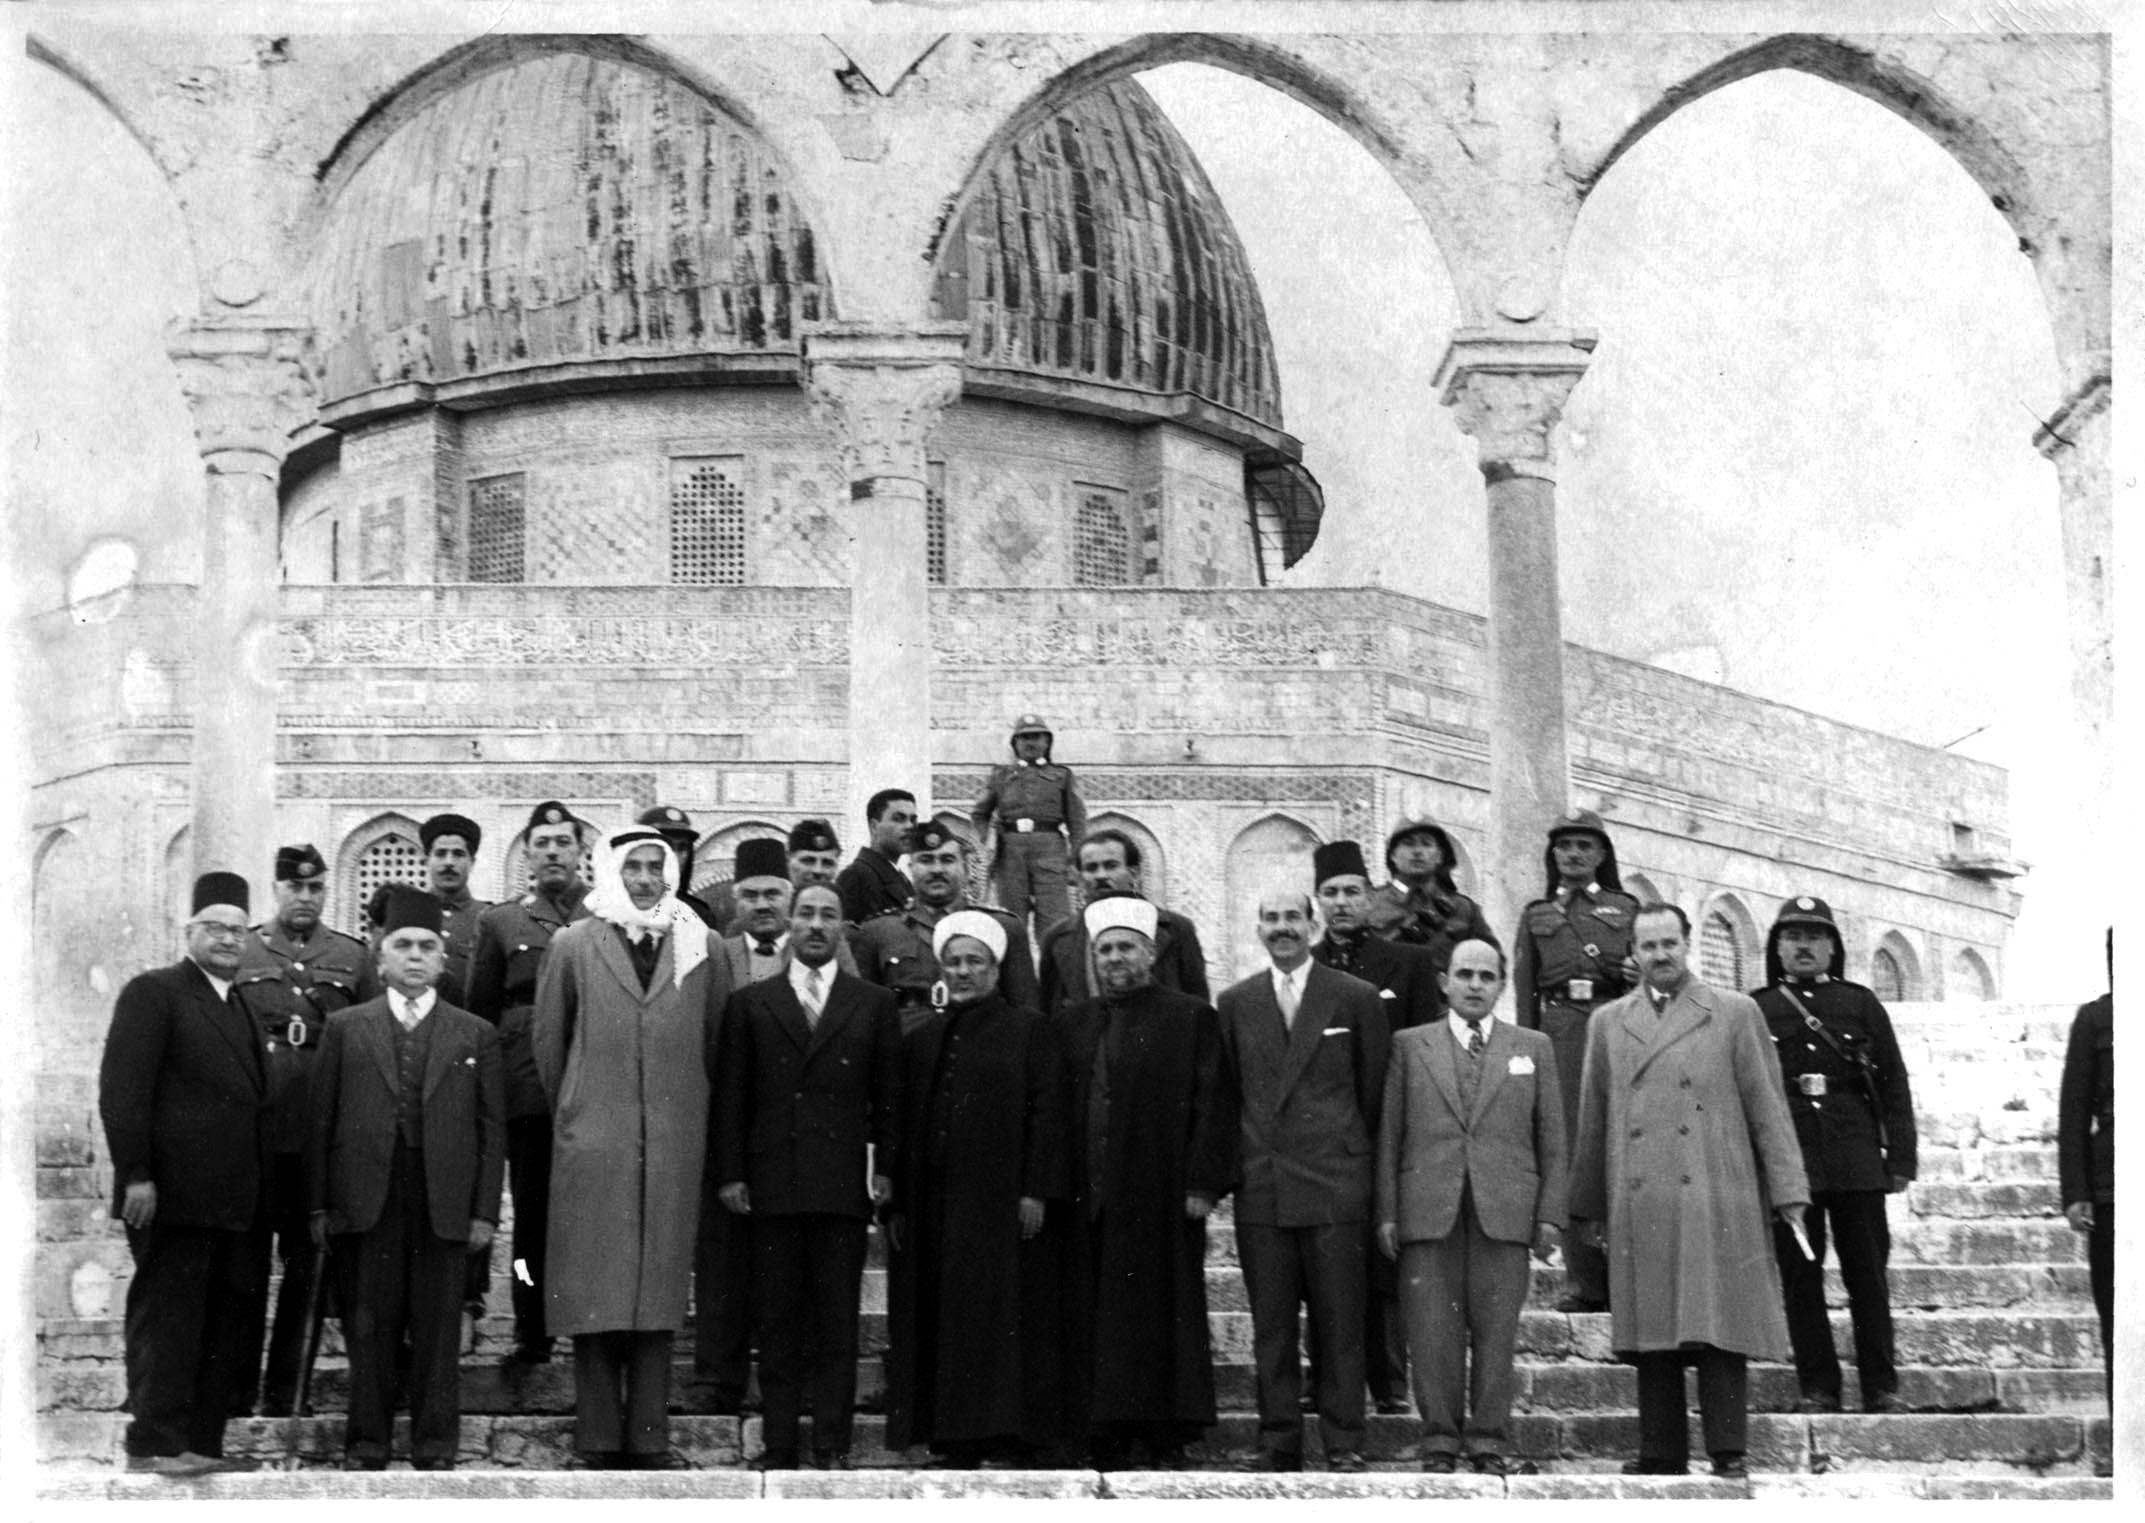 אנואר סאדאת ואנשי הווקף בהר הבית בעת שההר היה בשליטה ירדנית. סוף 1955